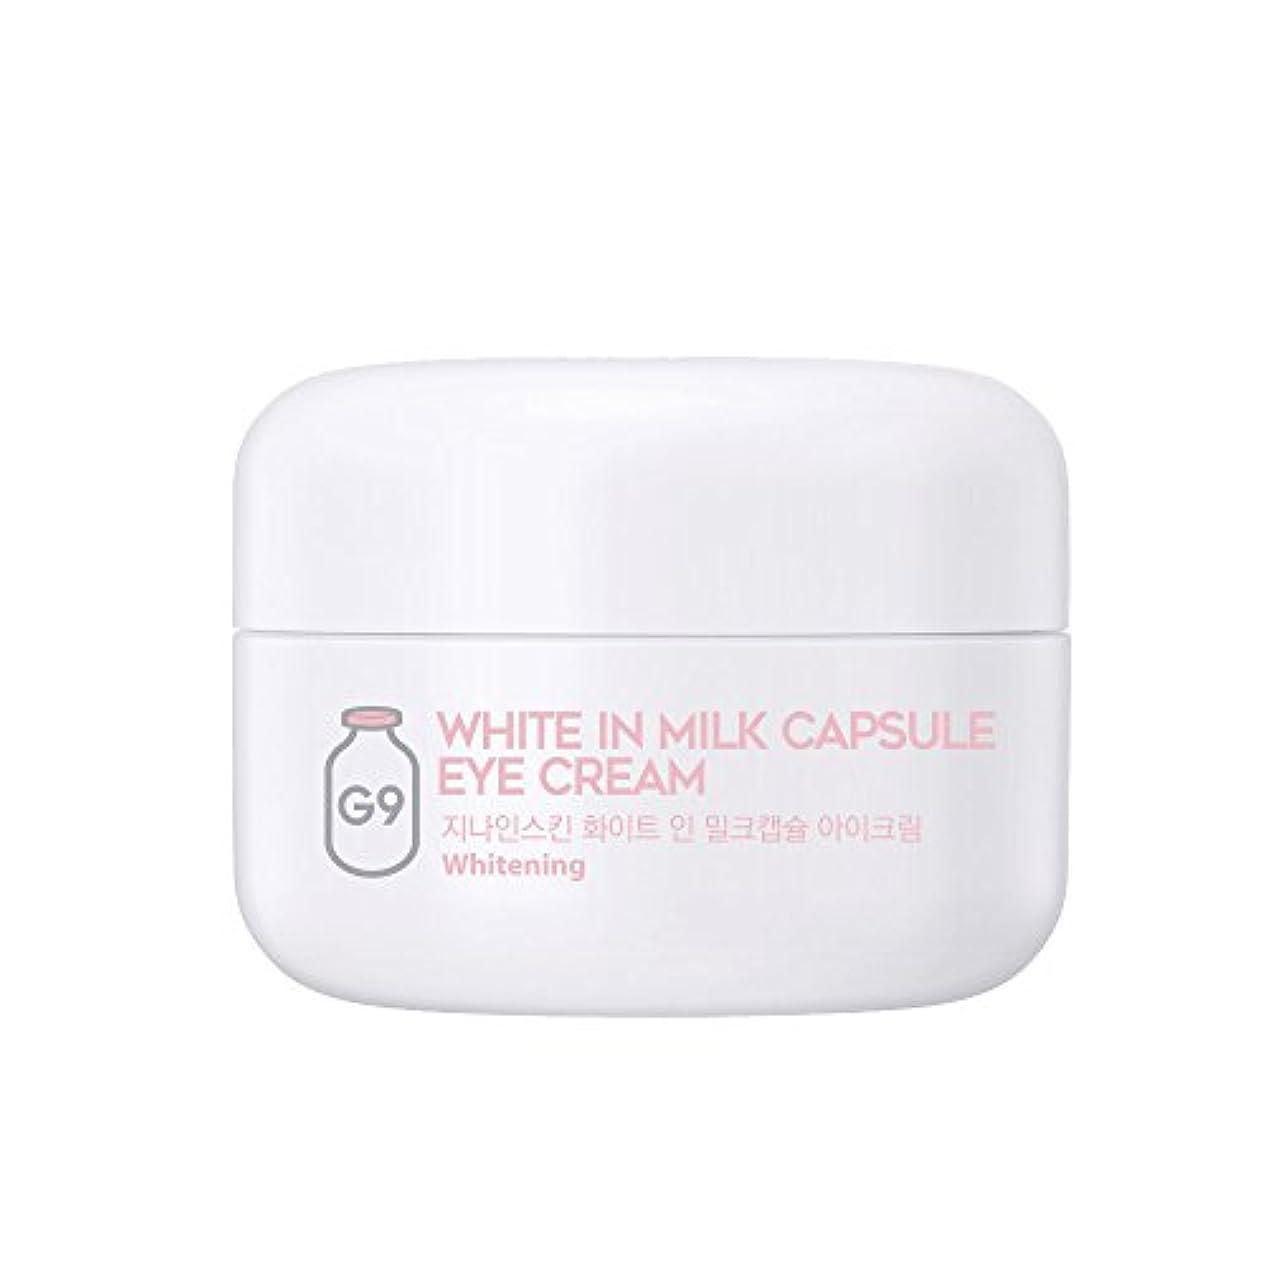 パニックジャンクション軍G9SKIN(ベリサム) White In Milk Capsule Eye Cream ホワイトインミルクカプセルアイクリーム 30g